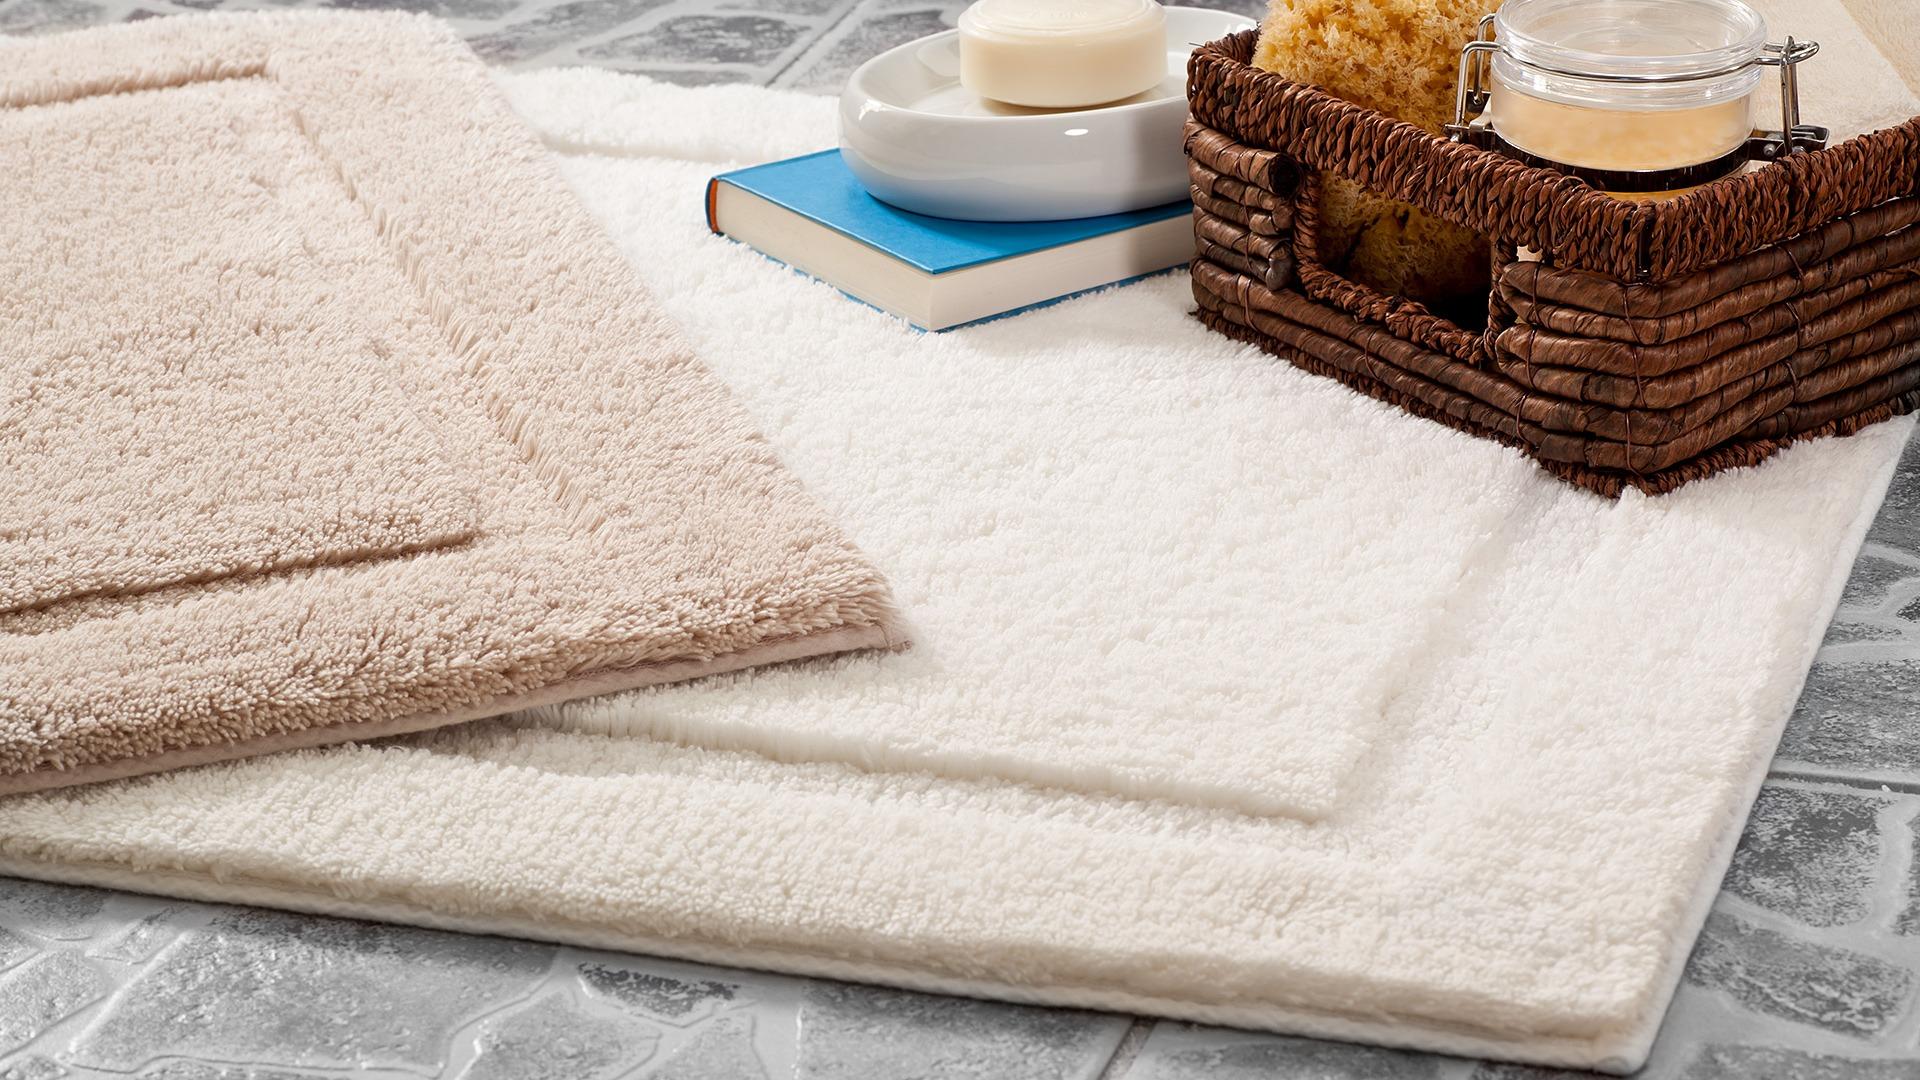 Herrlich flauschiger Bad-Teppich